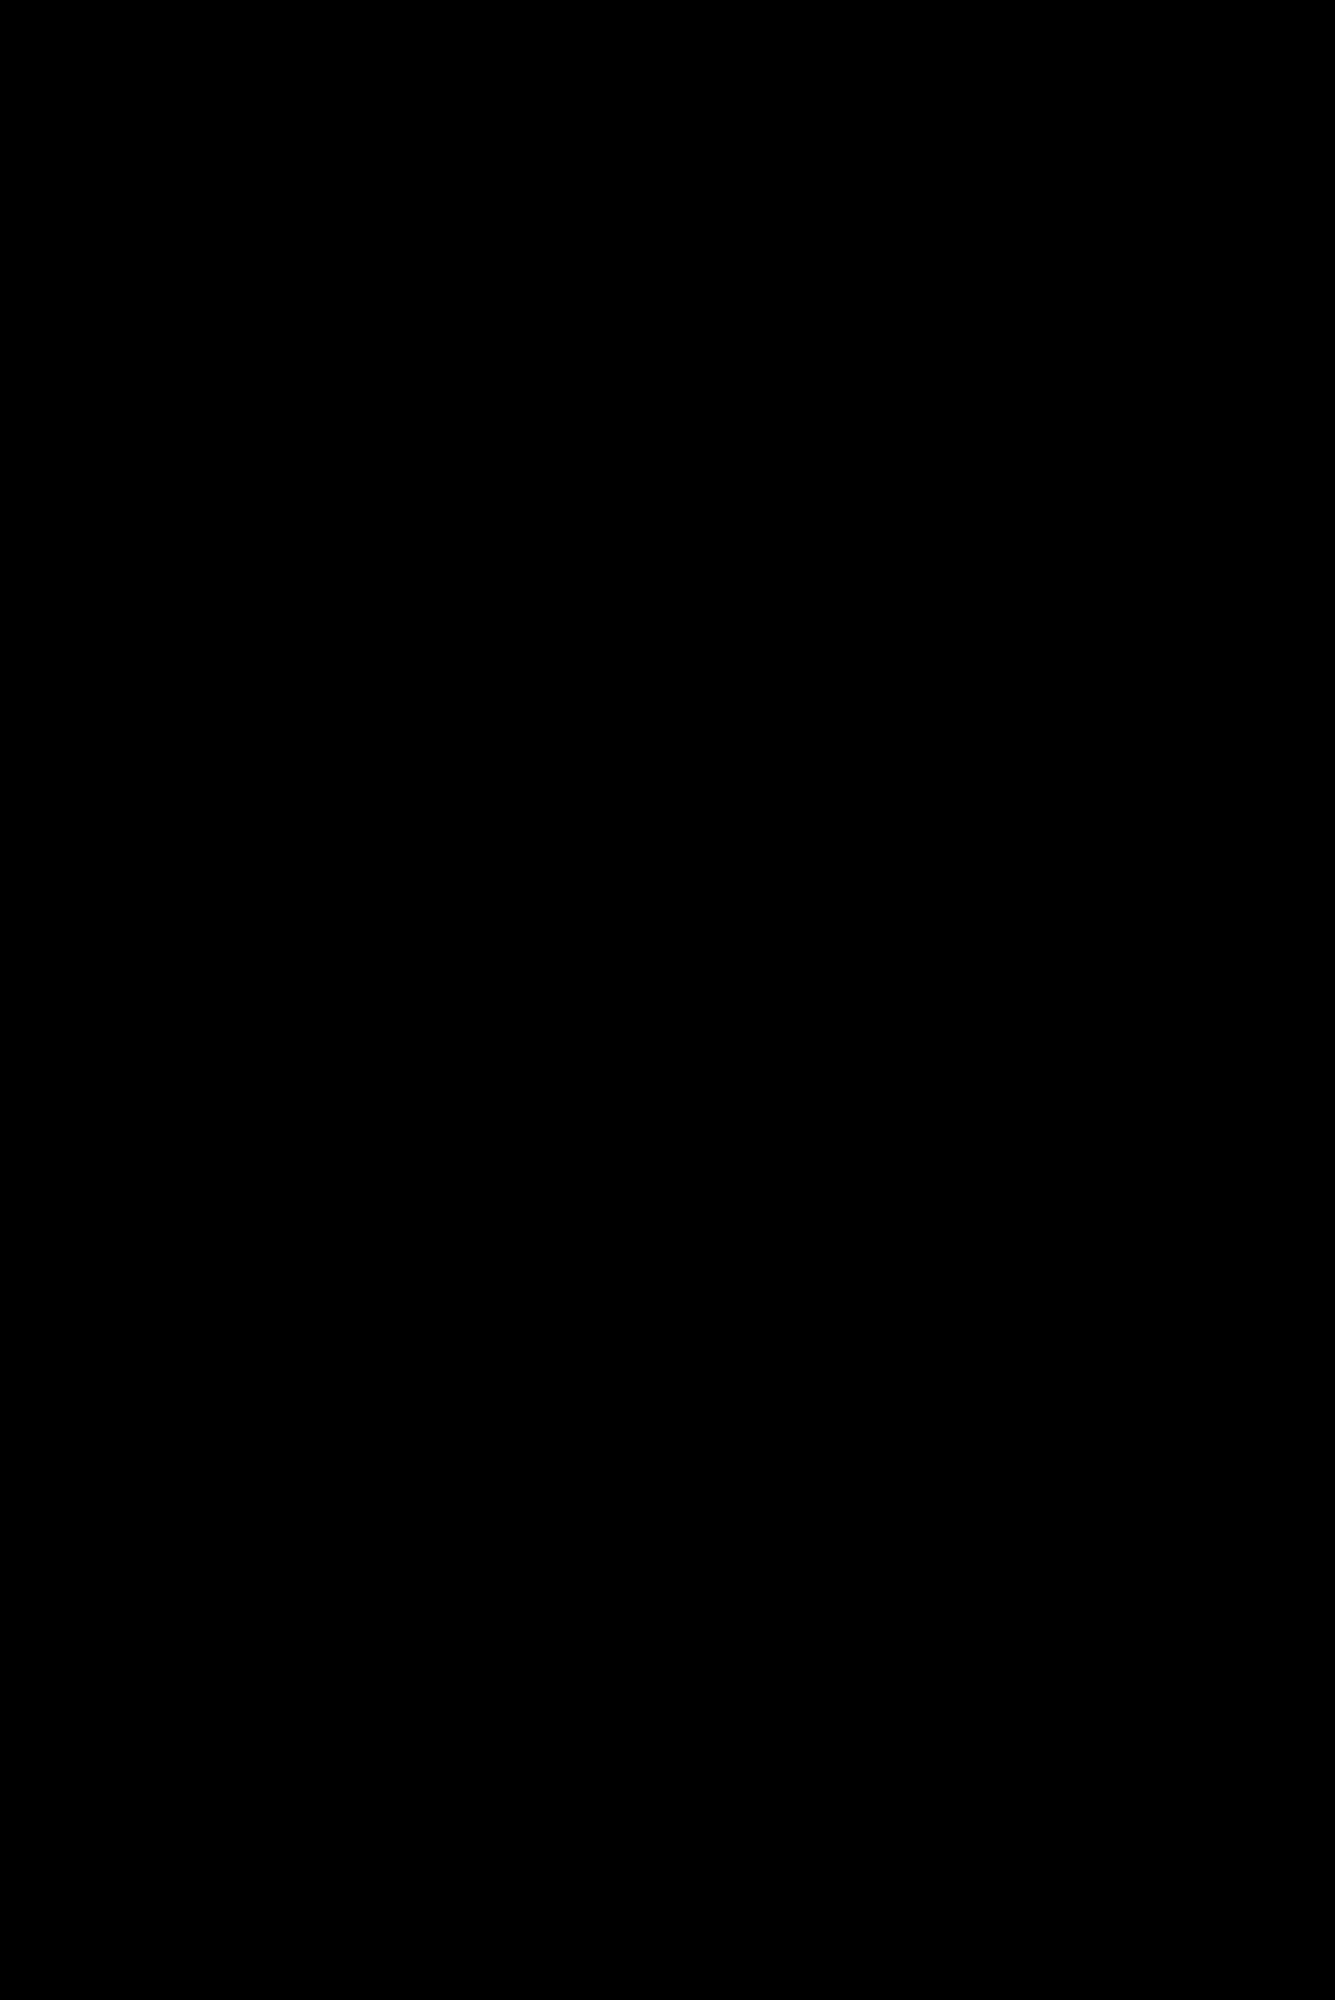 plate_black_vertical.jpg